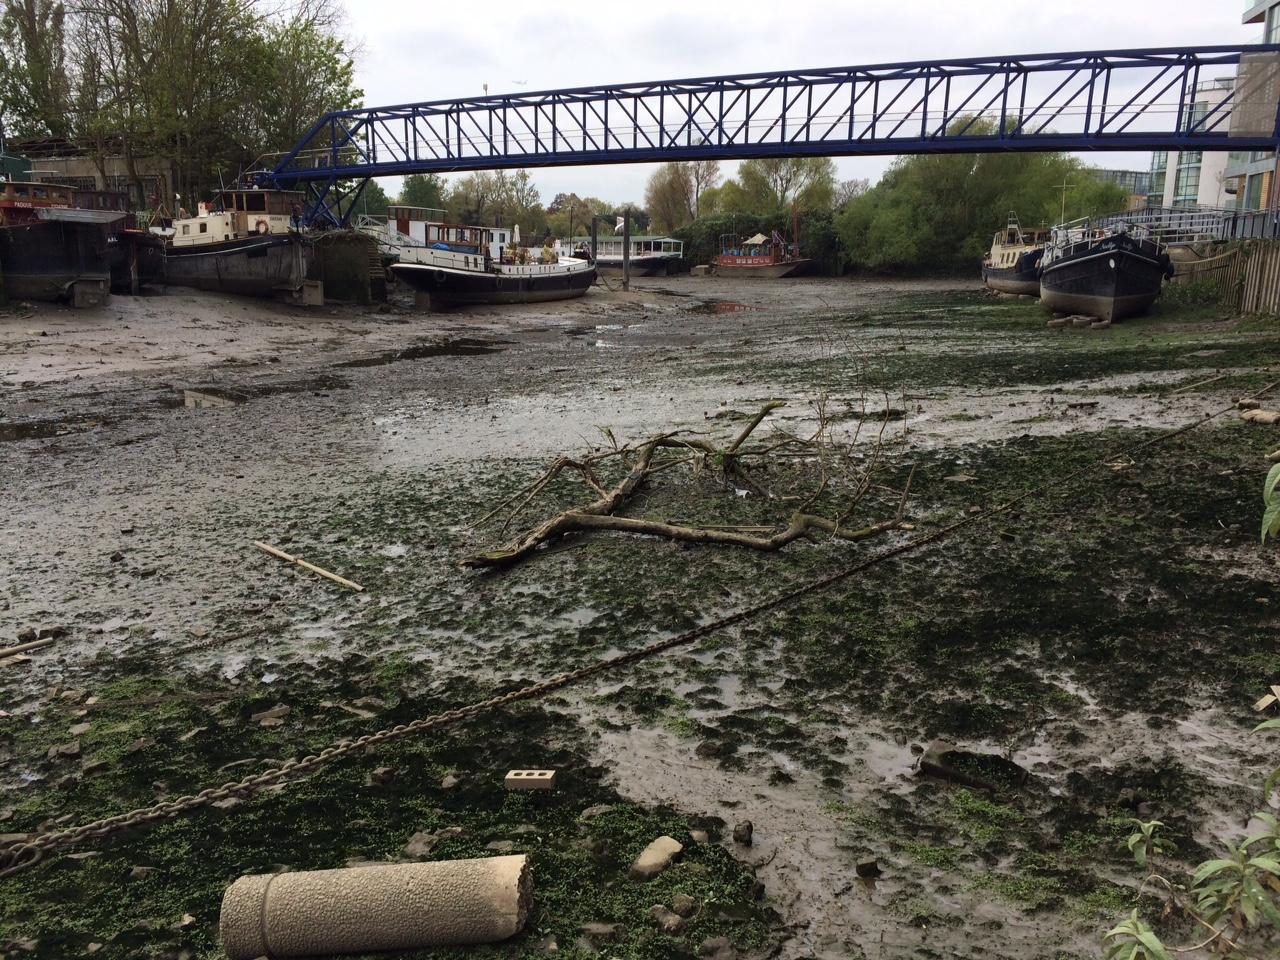 River Thames at Brentford